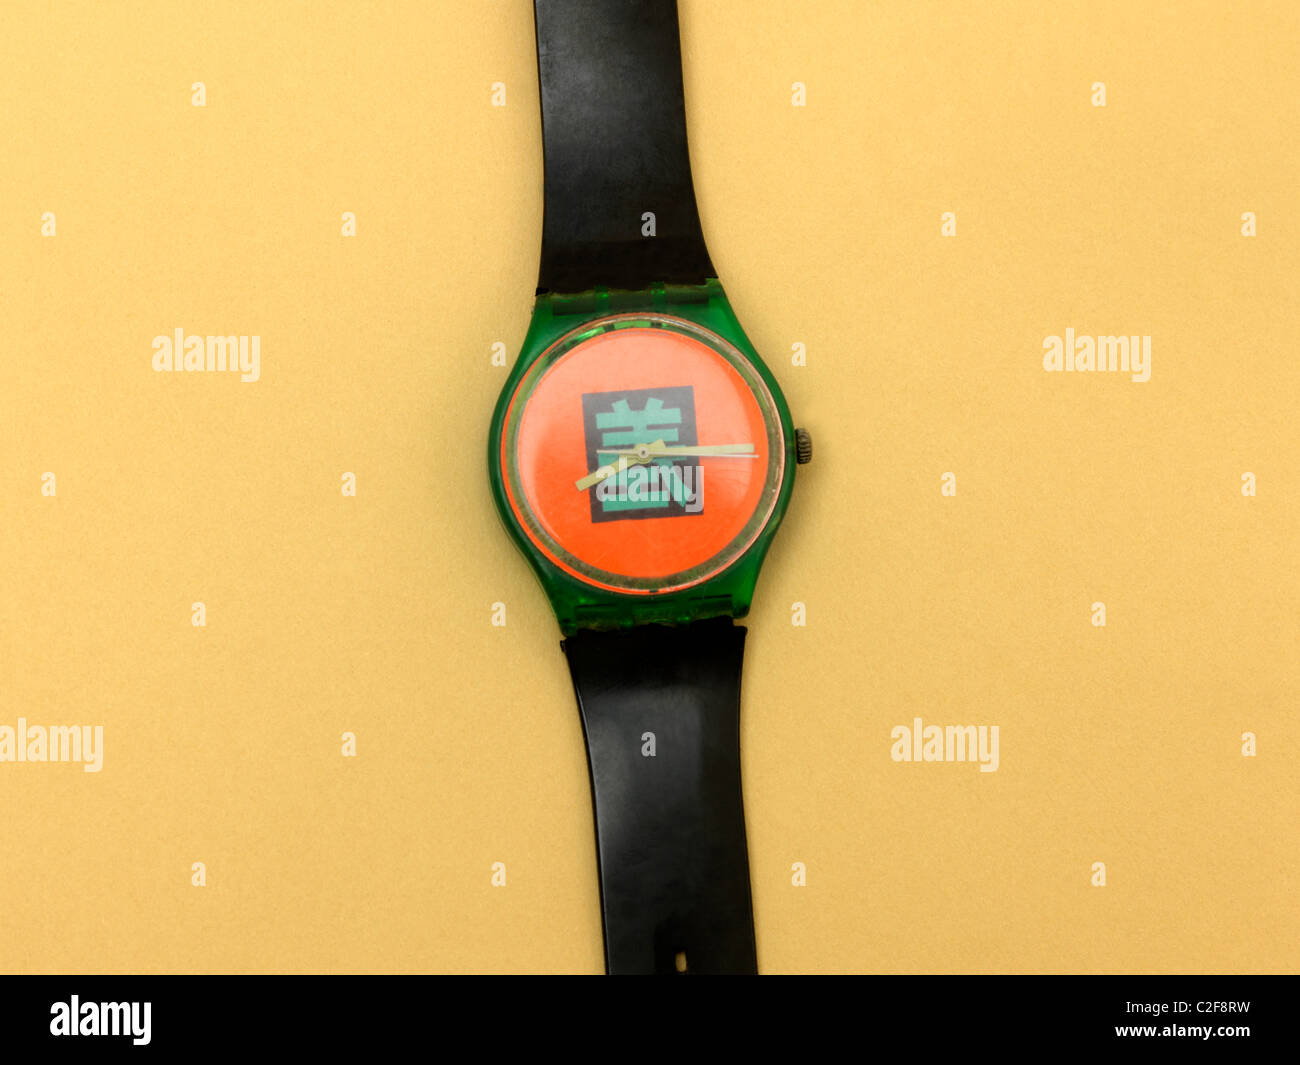 Analogue Watch - Stock Image